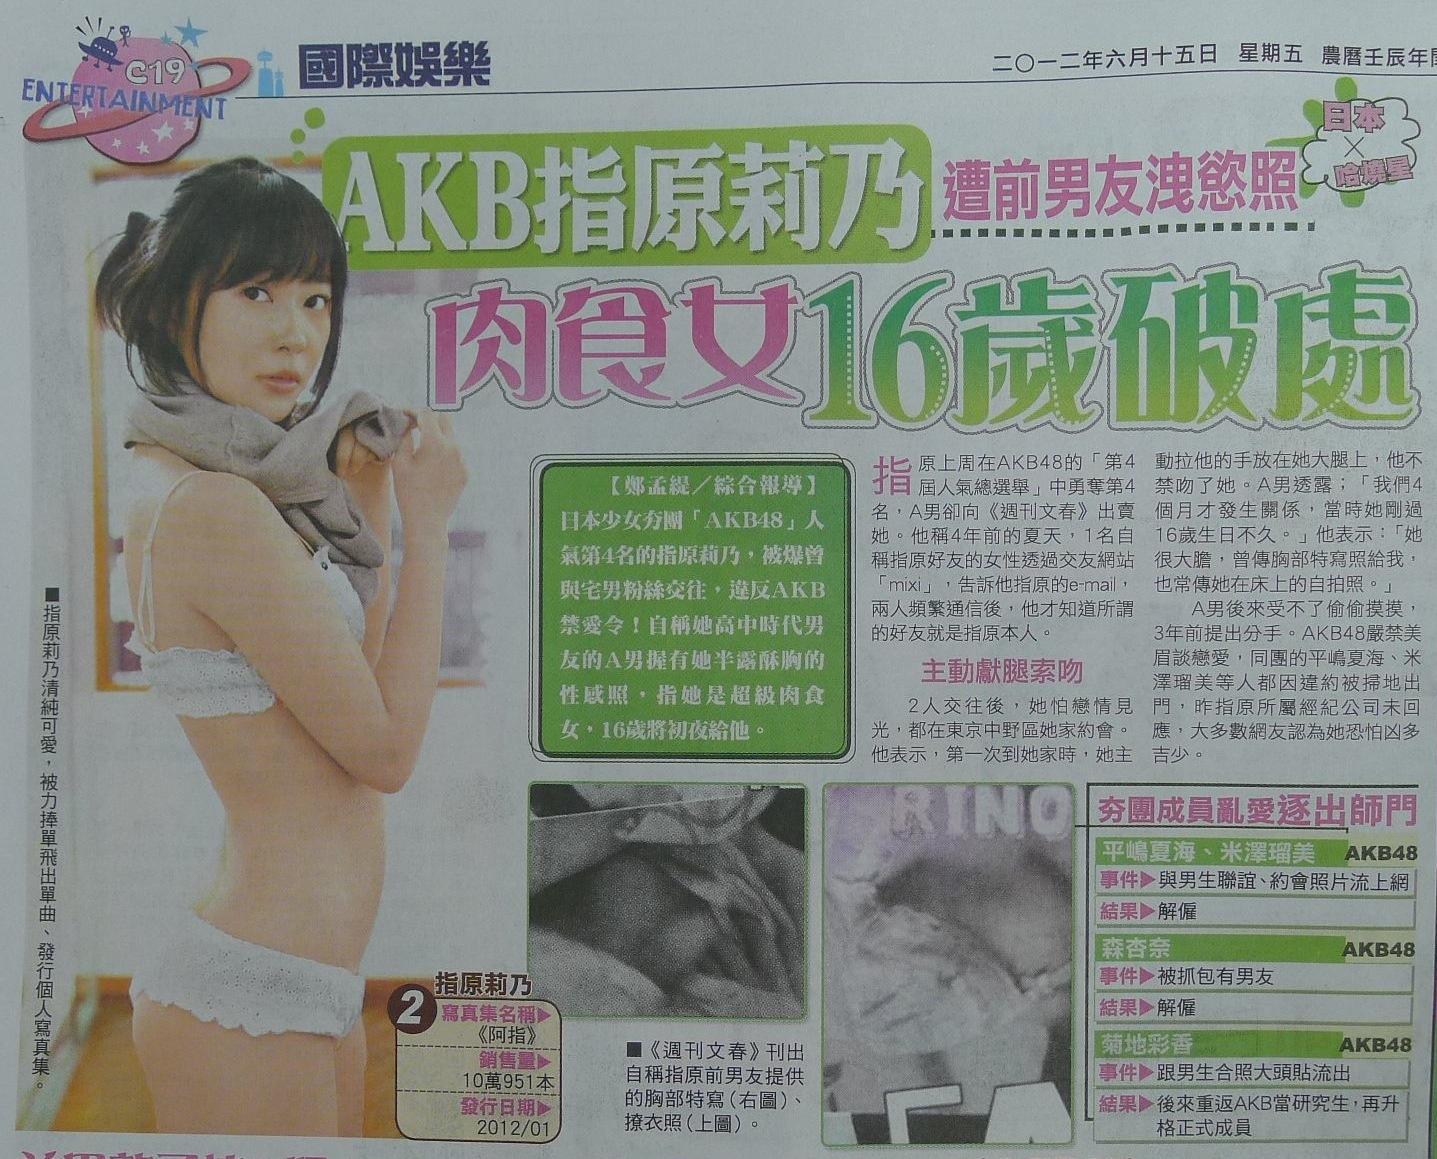 AKB指原莉乃遭前男友洩慾照 肉食女16歲破處